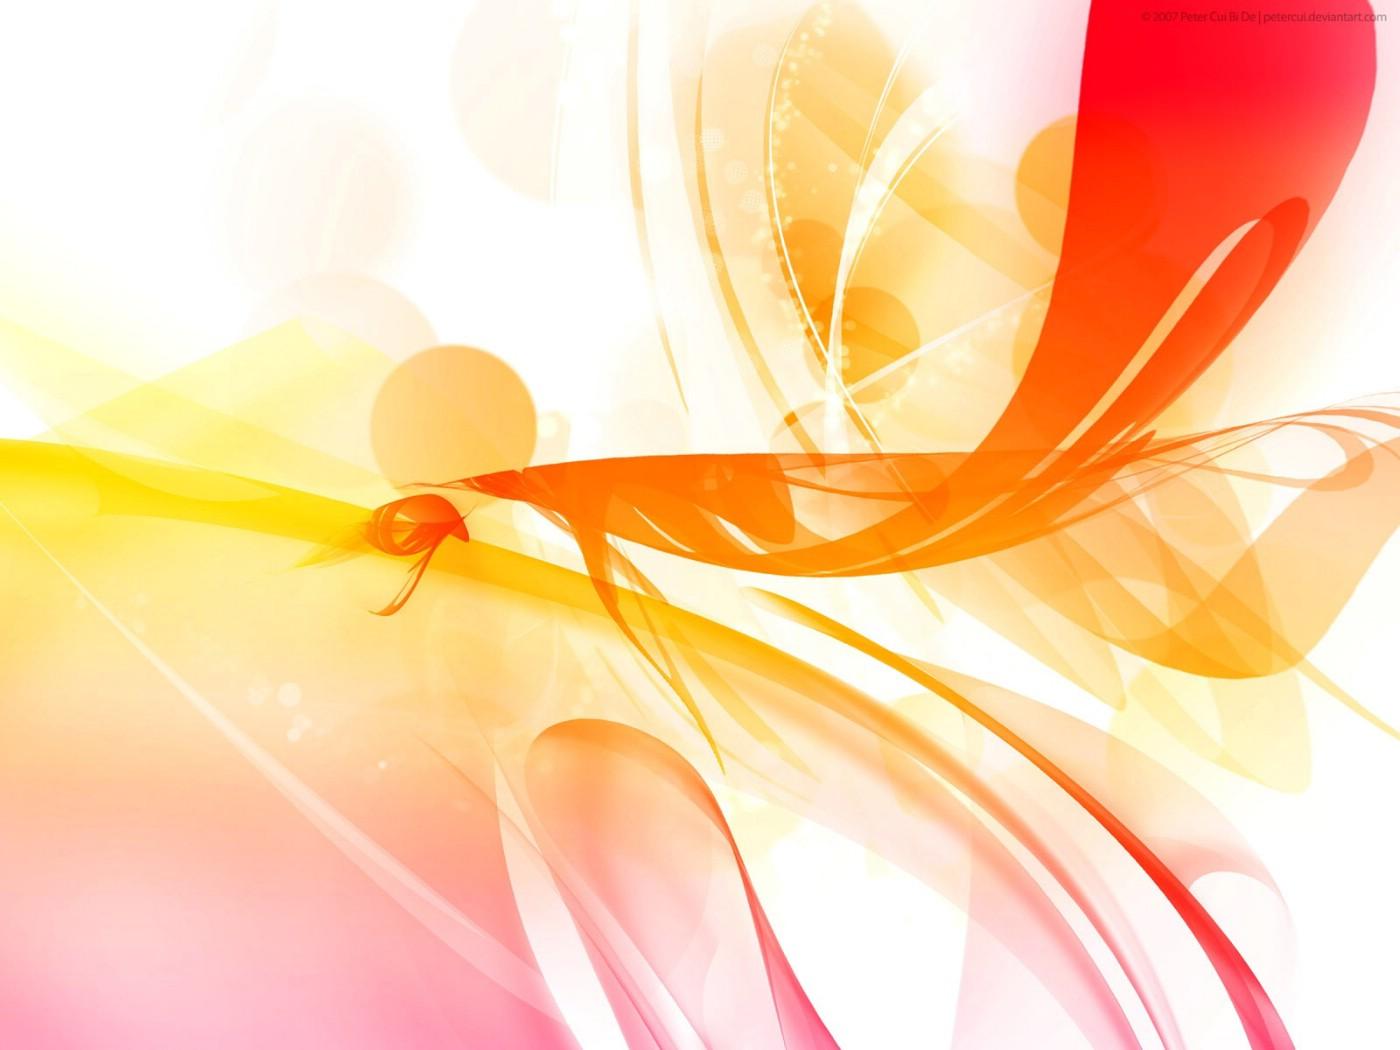 壁纸1400×1050炫彩视觉 多色系抽象色彩壁纸 第七辑 1920 1200 柔和光线 抽象背景色彩壁纸壁纸 多色系抽象色彩CG壁纸七壁纸图片插画壁纸插画图片素材桌面壁纸